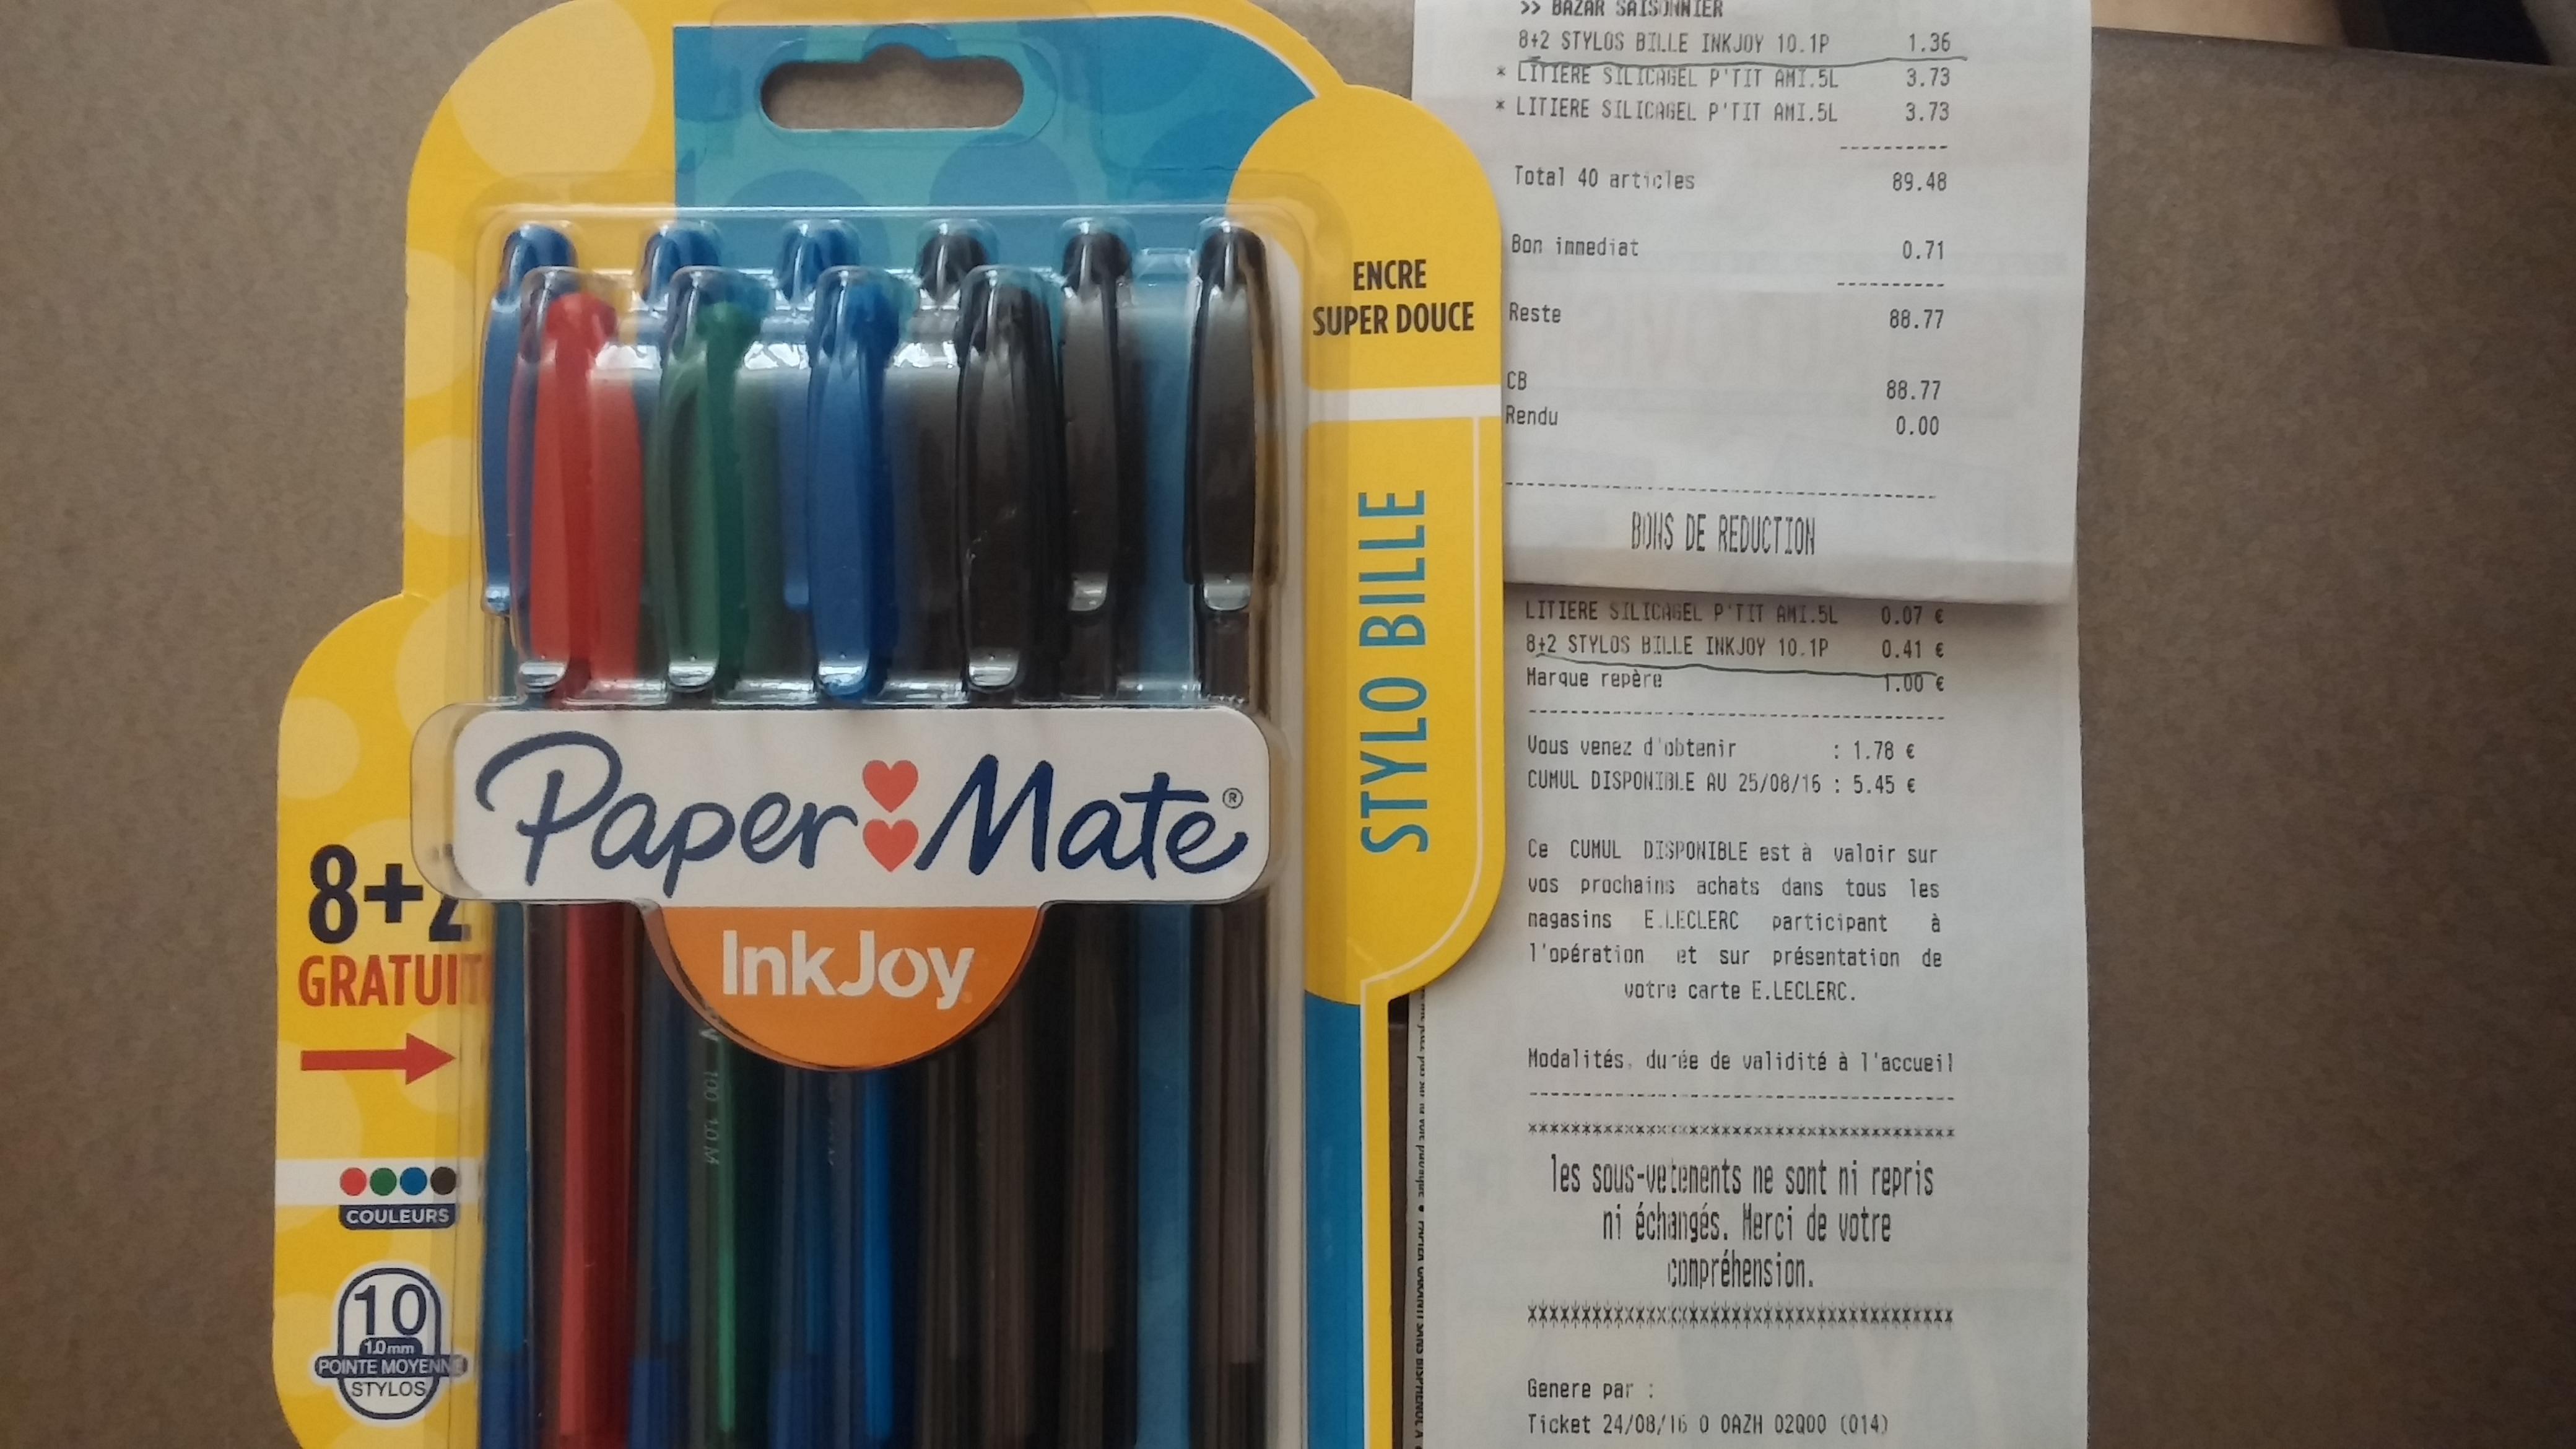 Lot de 10 stylo-billes Paper Mate Inkjoy (via 0.41€ sur la carte de fidélité)